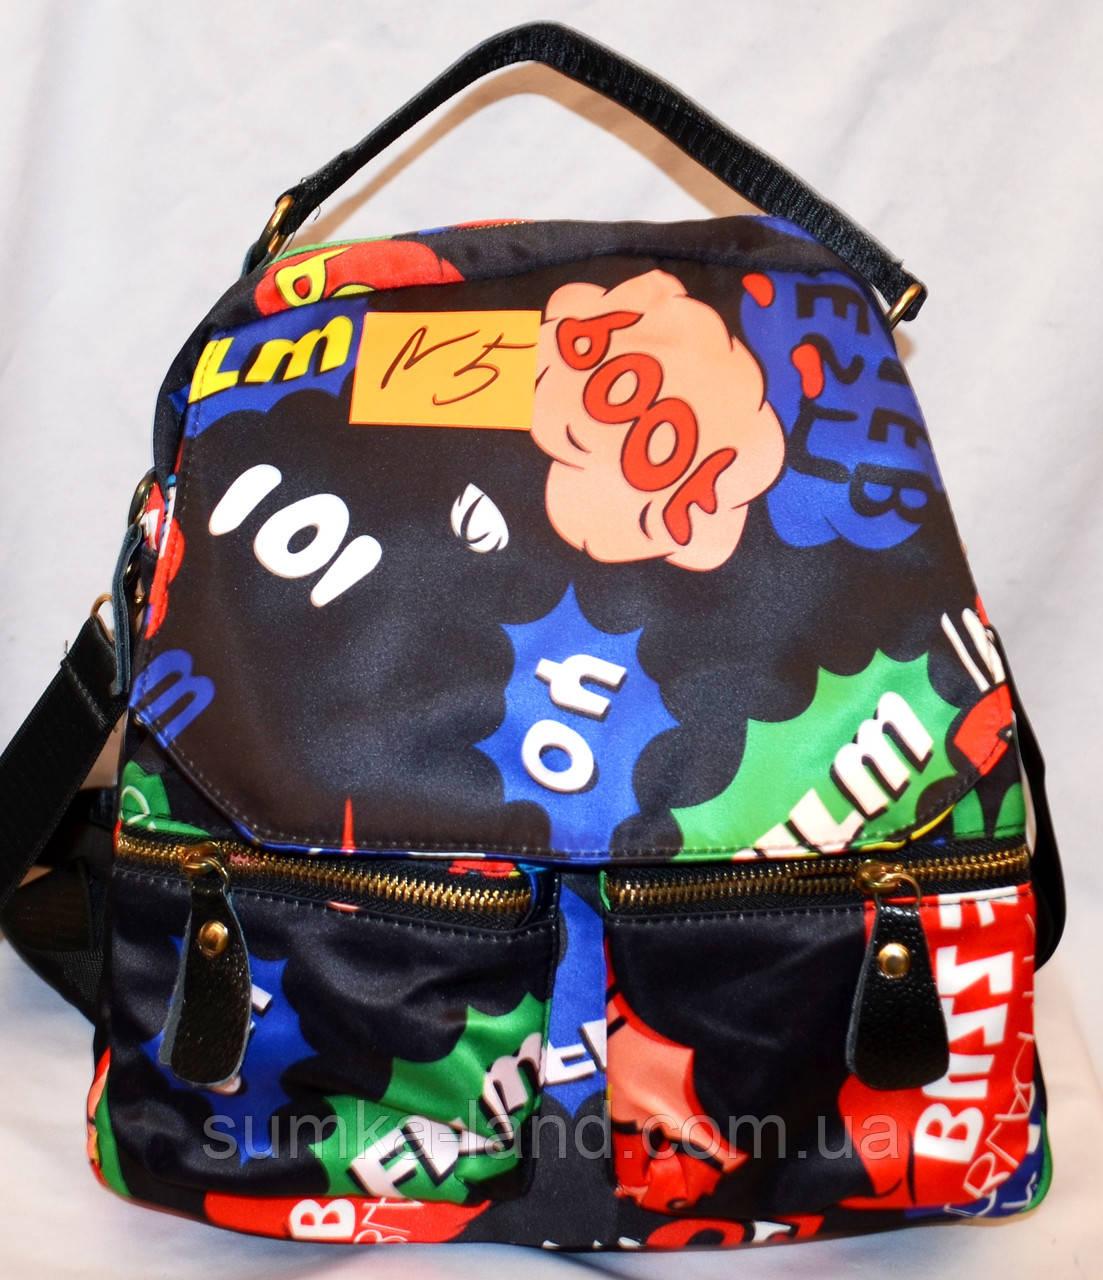 be6a0f15d59e Женский черный текстильный рюкзак-сумка с принтом 28*28 см, цена 183 ...